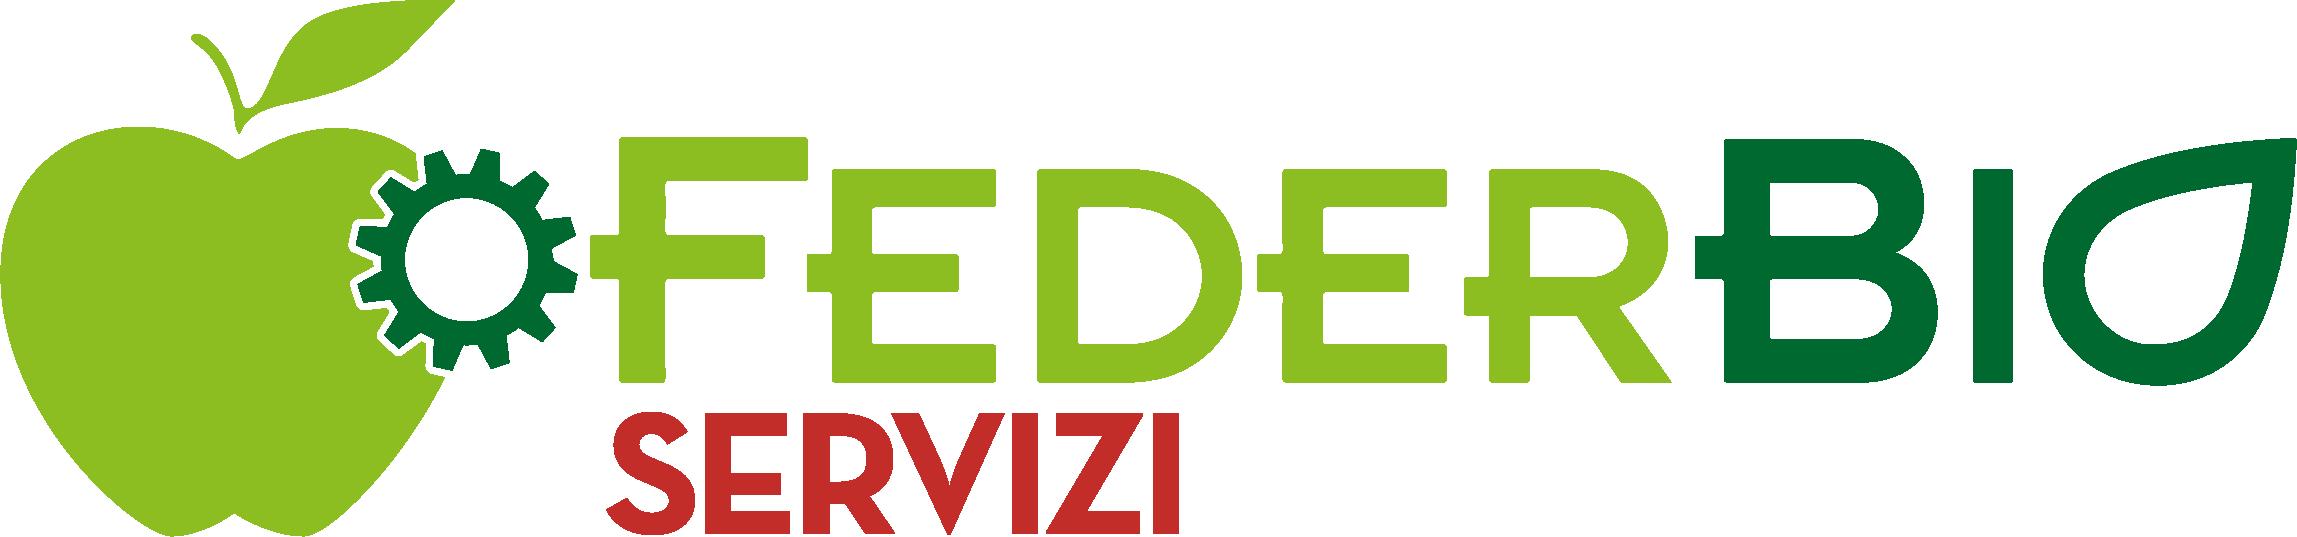 Logo_FederbioServizi_4Q no sfondo